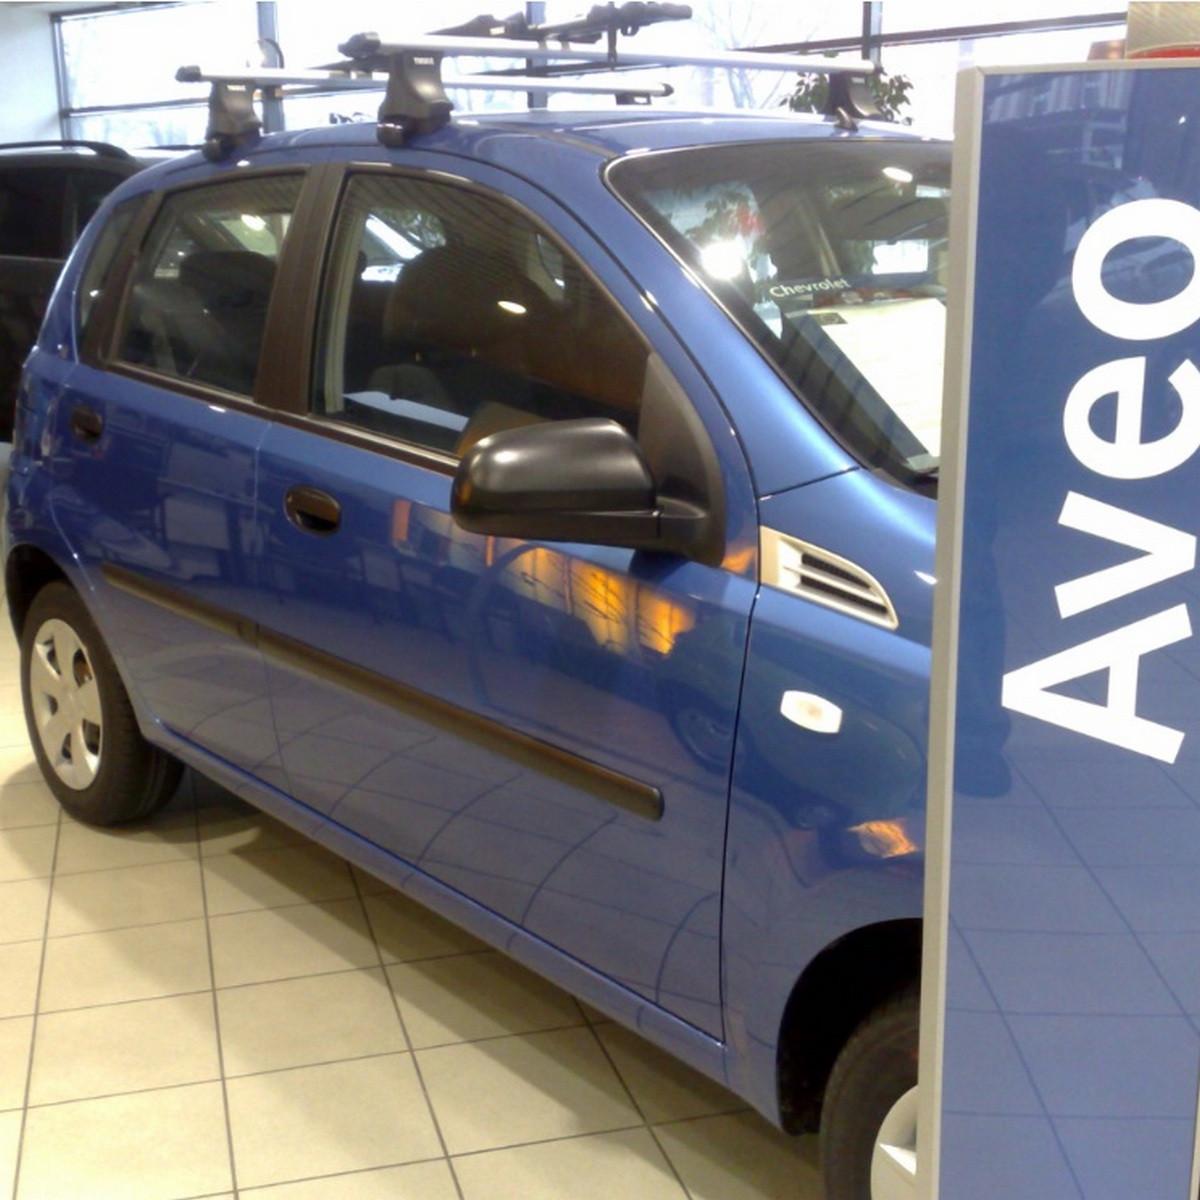 Молдинги на двери для Сhevrolet Aveo T200, T255 5Dr, ZAZ Vida хетчбек 2002+